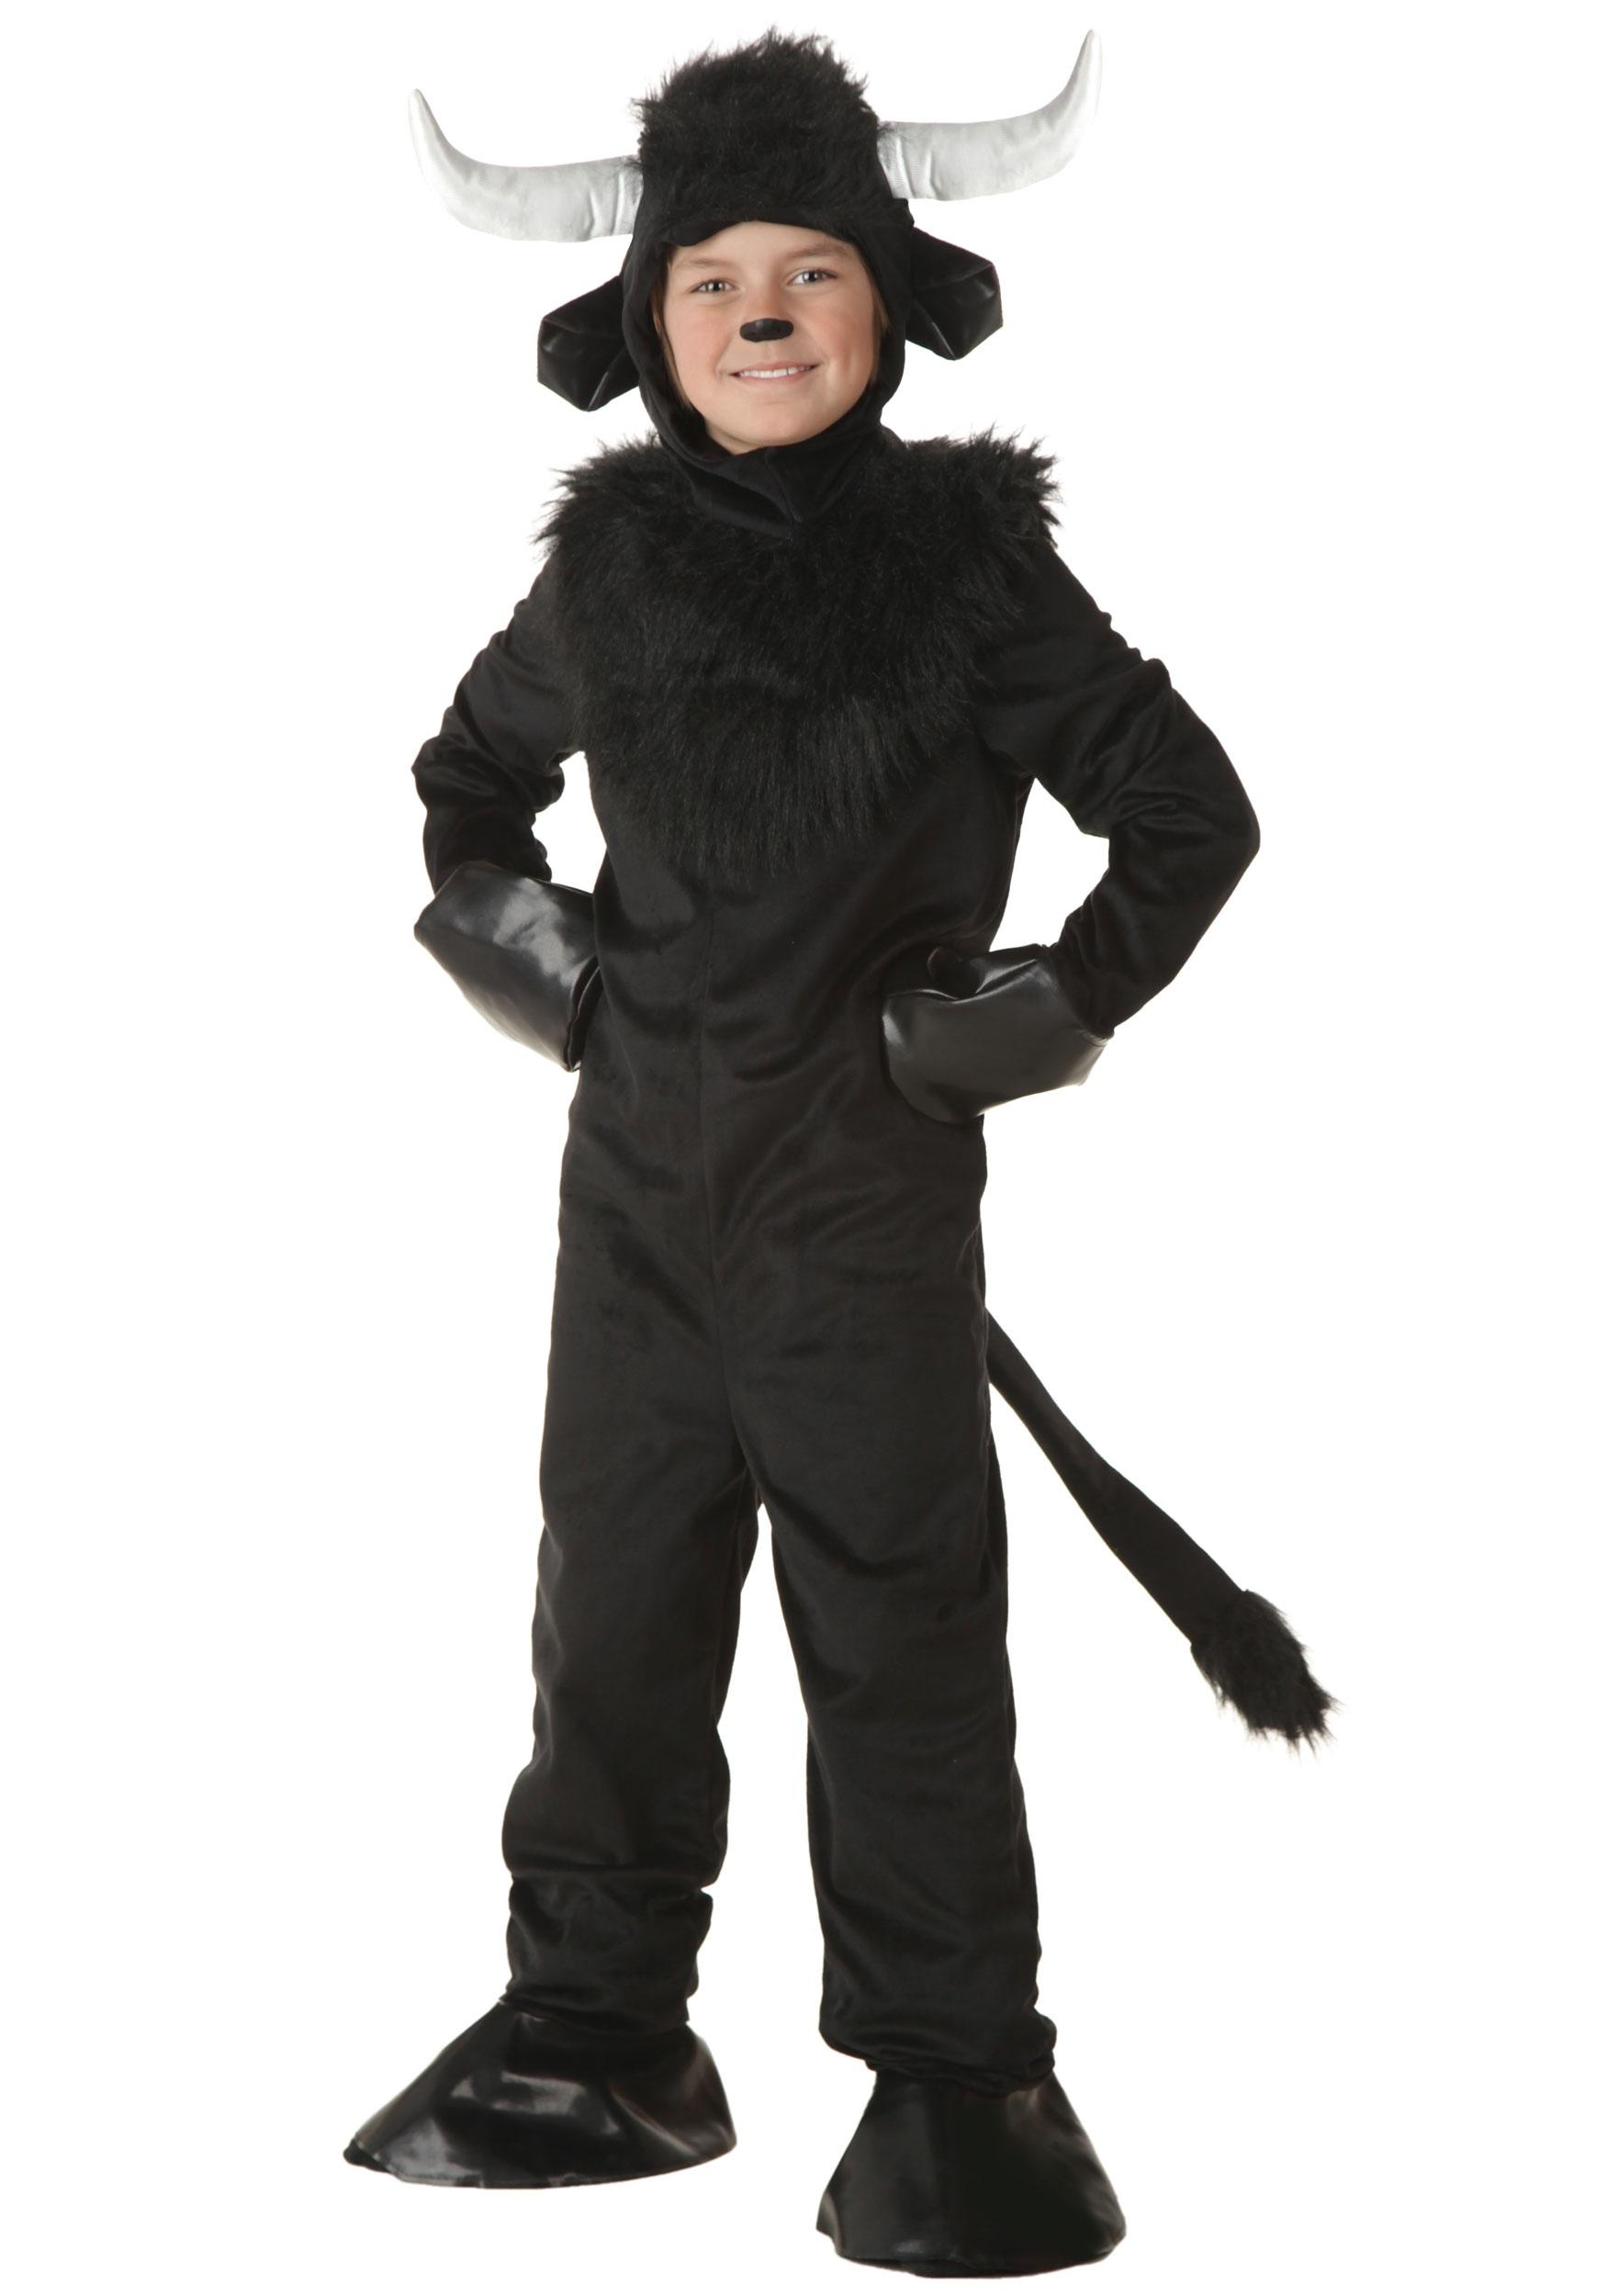 Bull Costume for Kids